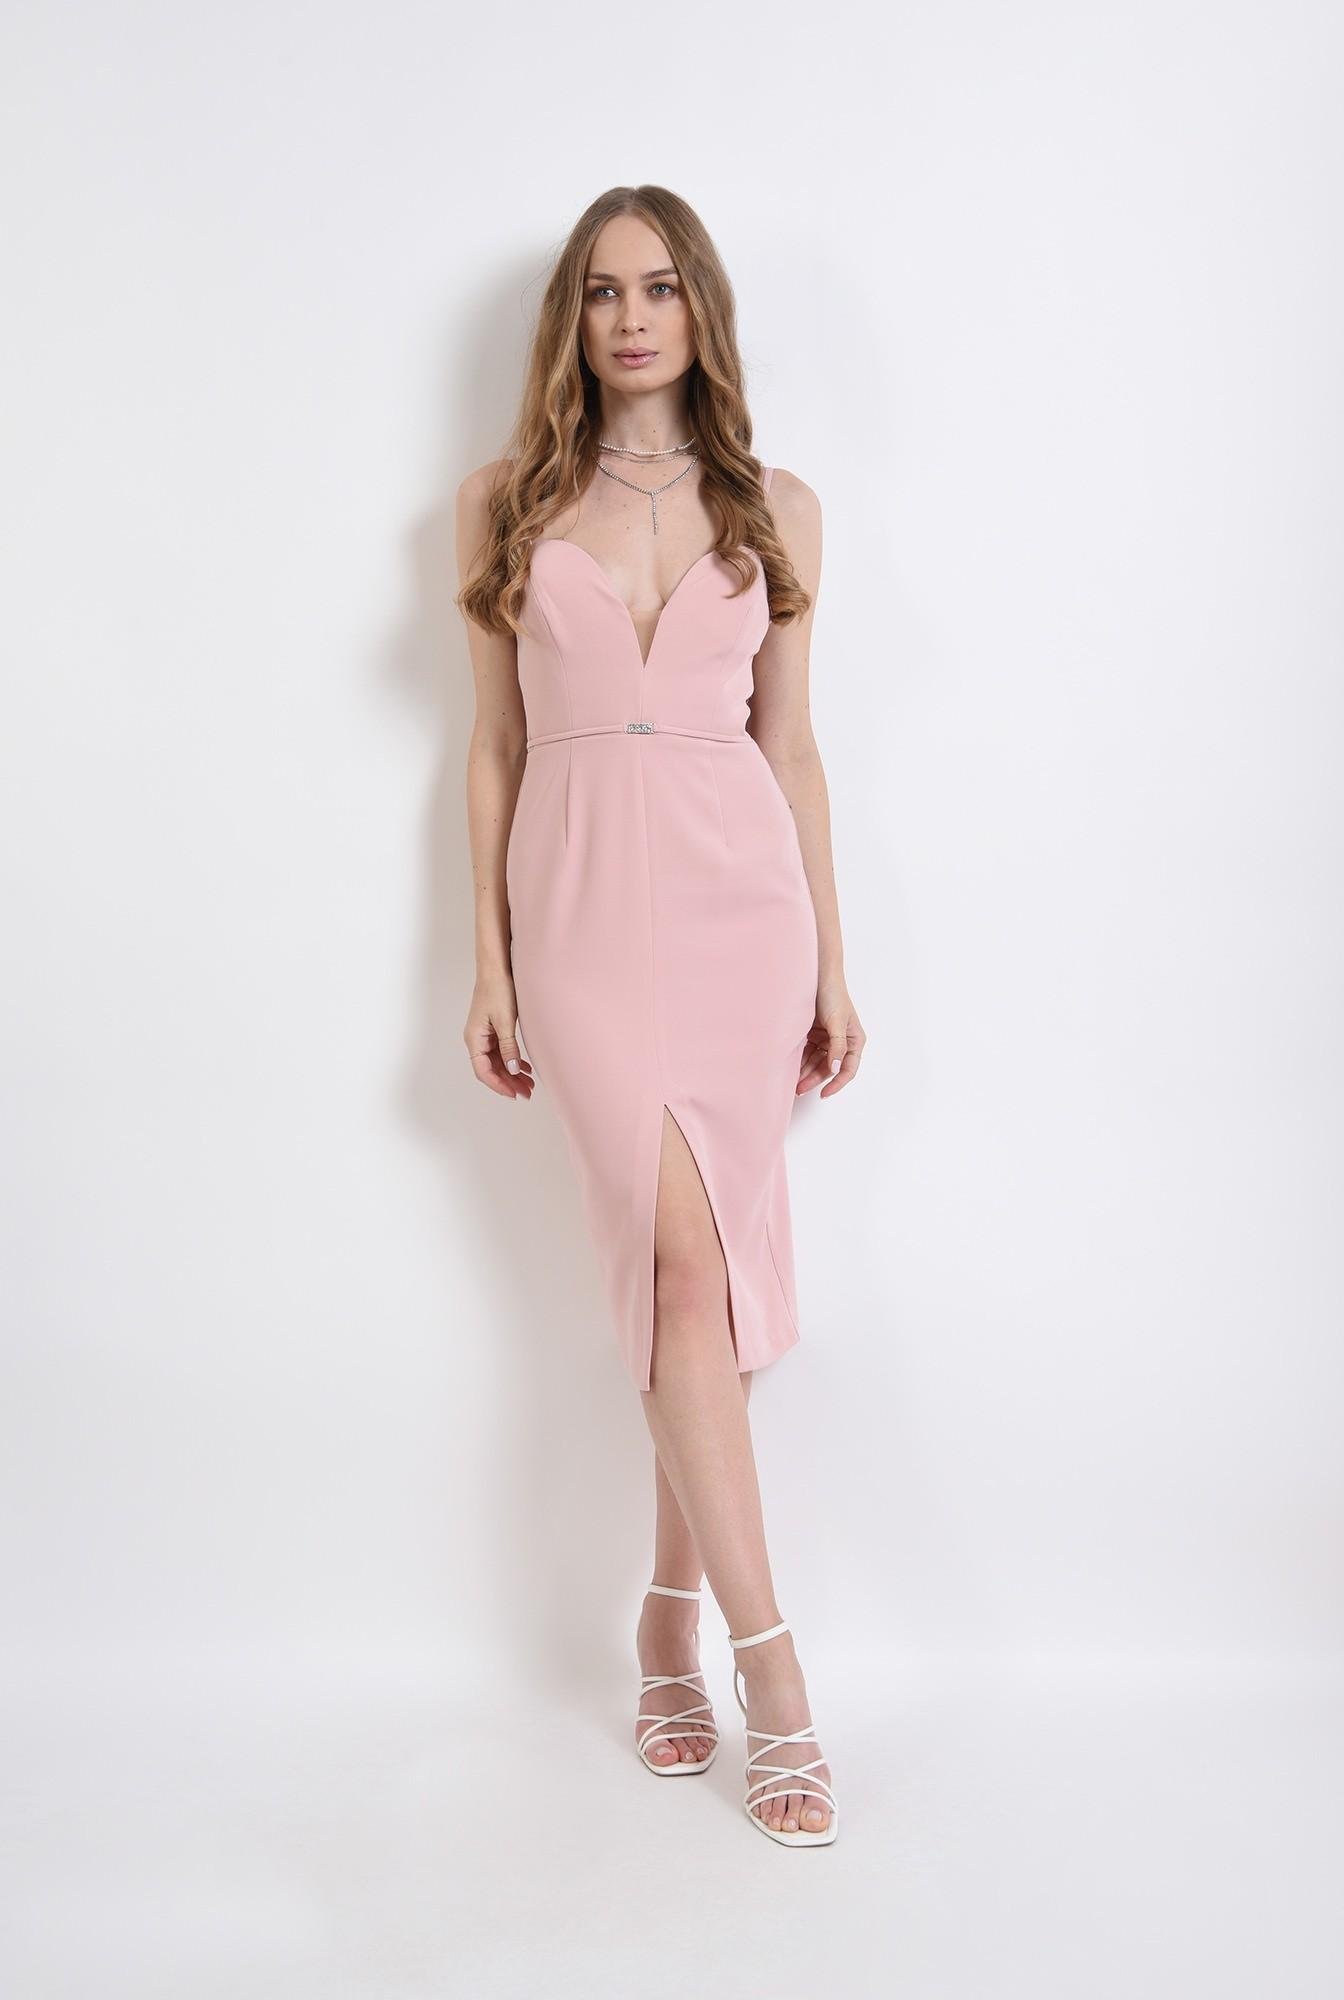 0 - rochie roz, de seara, cu accesoriu